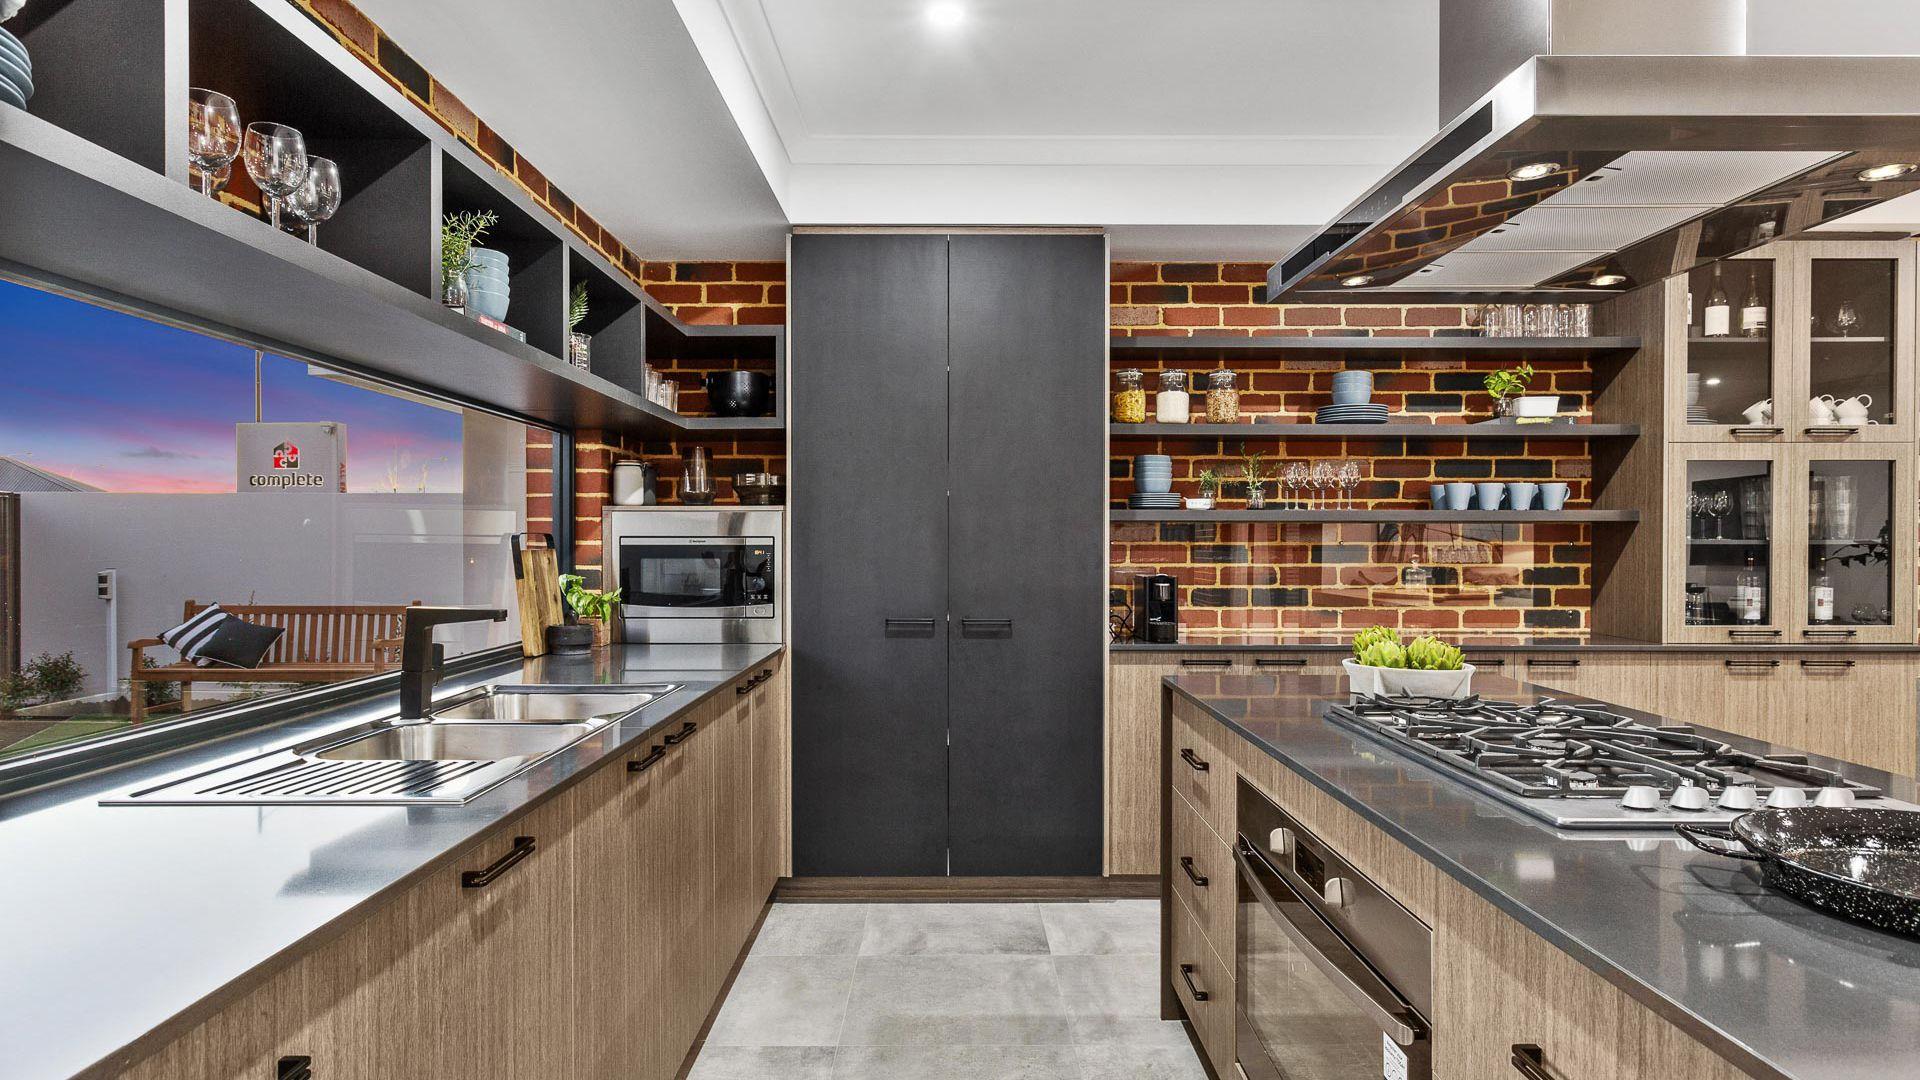 manhattan kitchen space display home complete homes kitchen